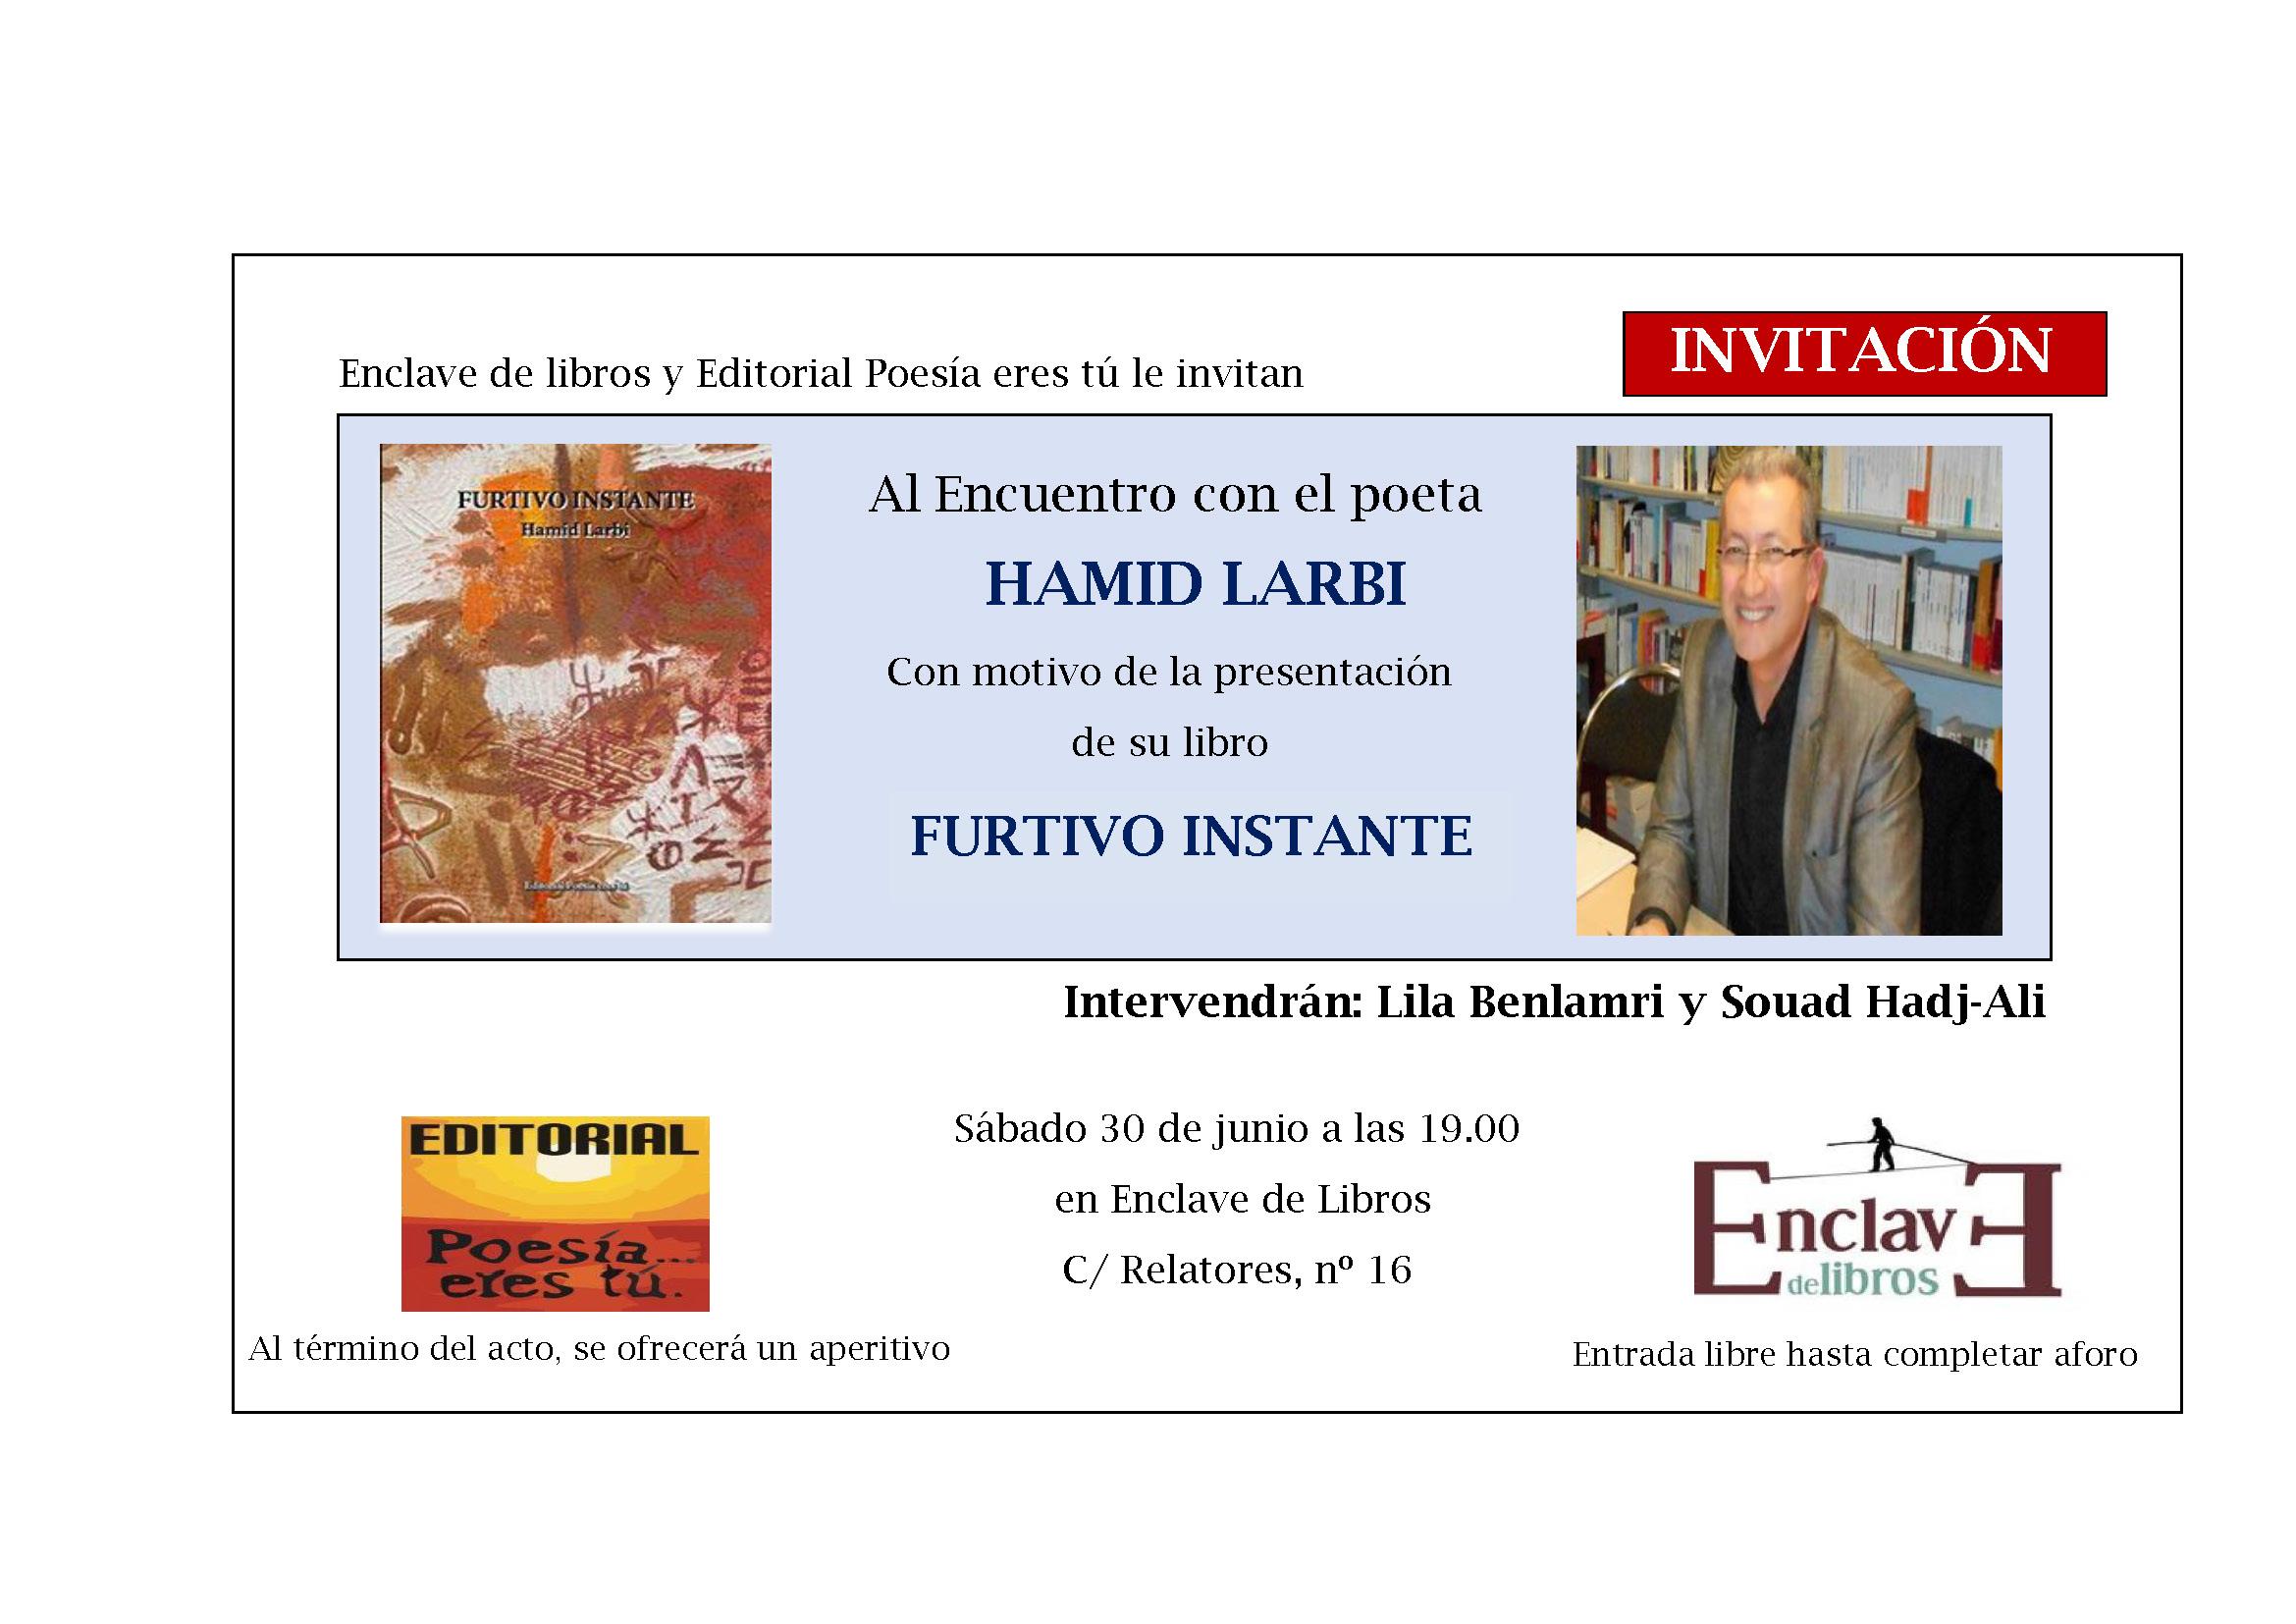 INVITACION PRESENTACION FUERTIVO INSTANTE